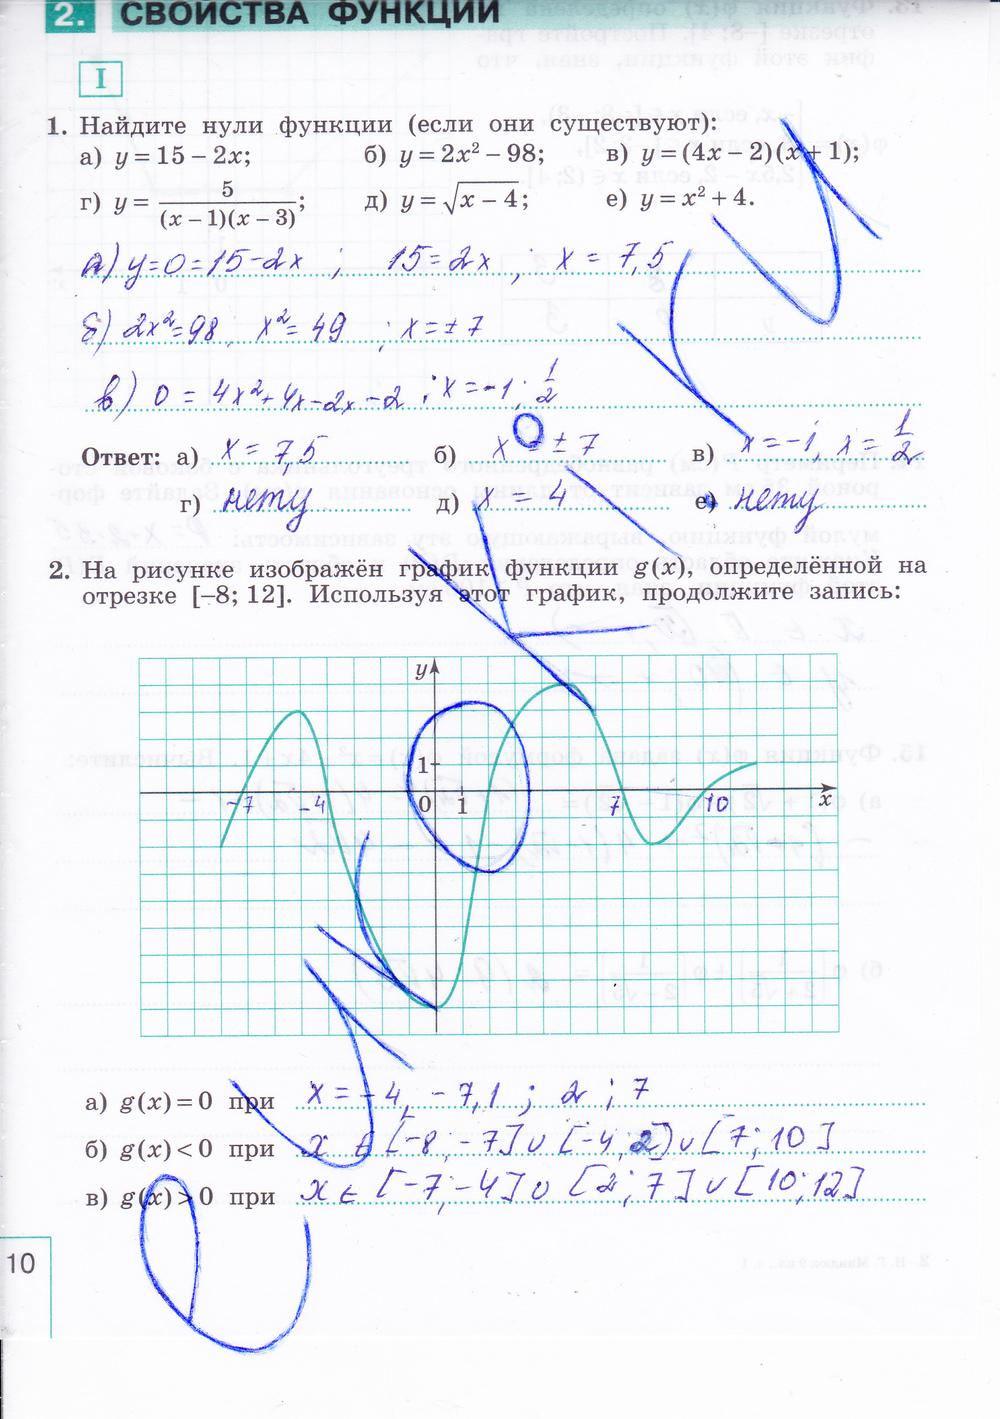 Спишу 9 алгебре класс за гдз по